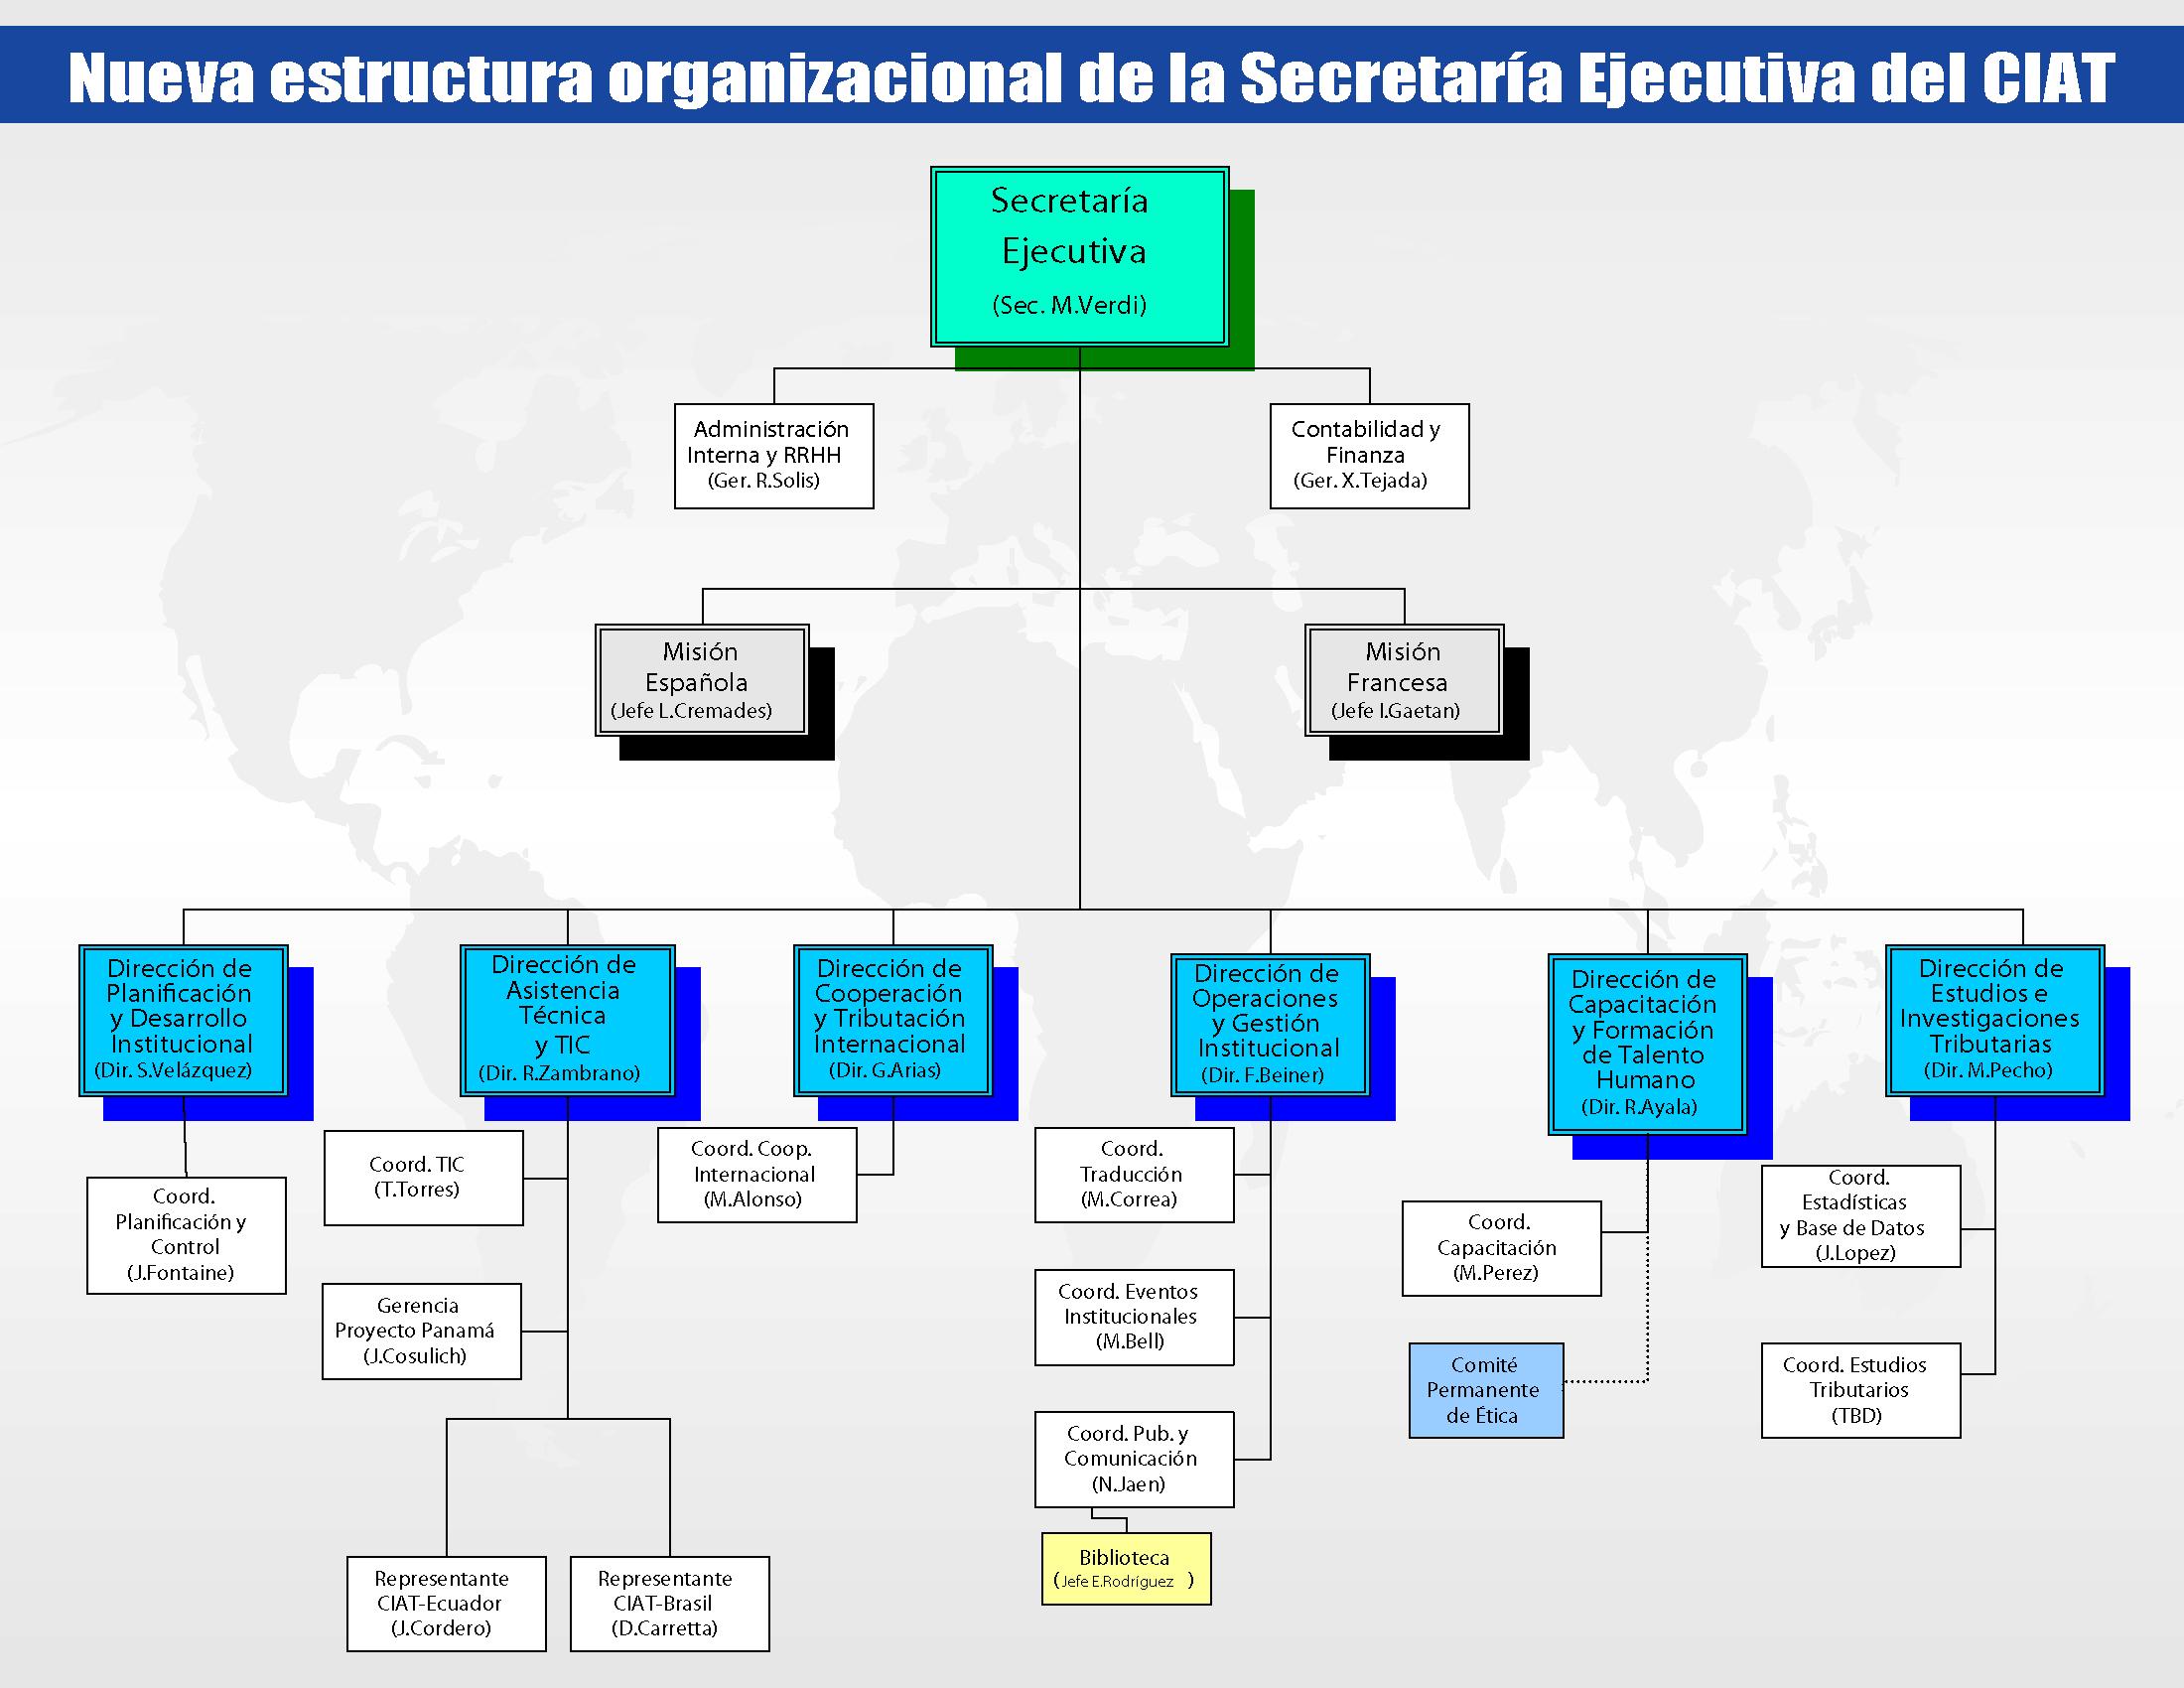 Secretaría Ejecutiva Adopta Nueva Estructura Organizacional